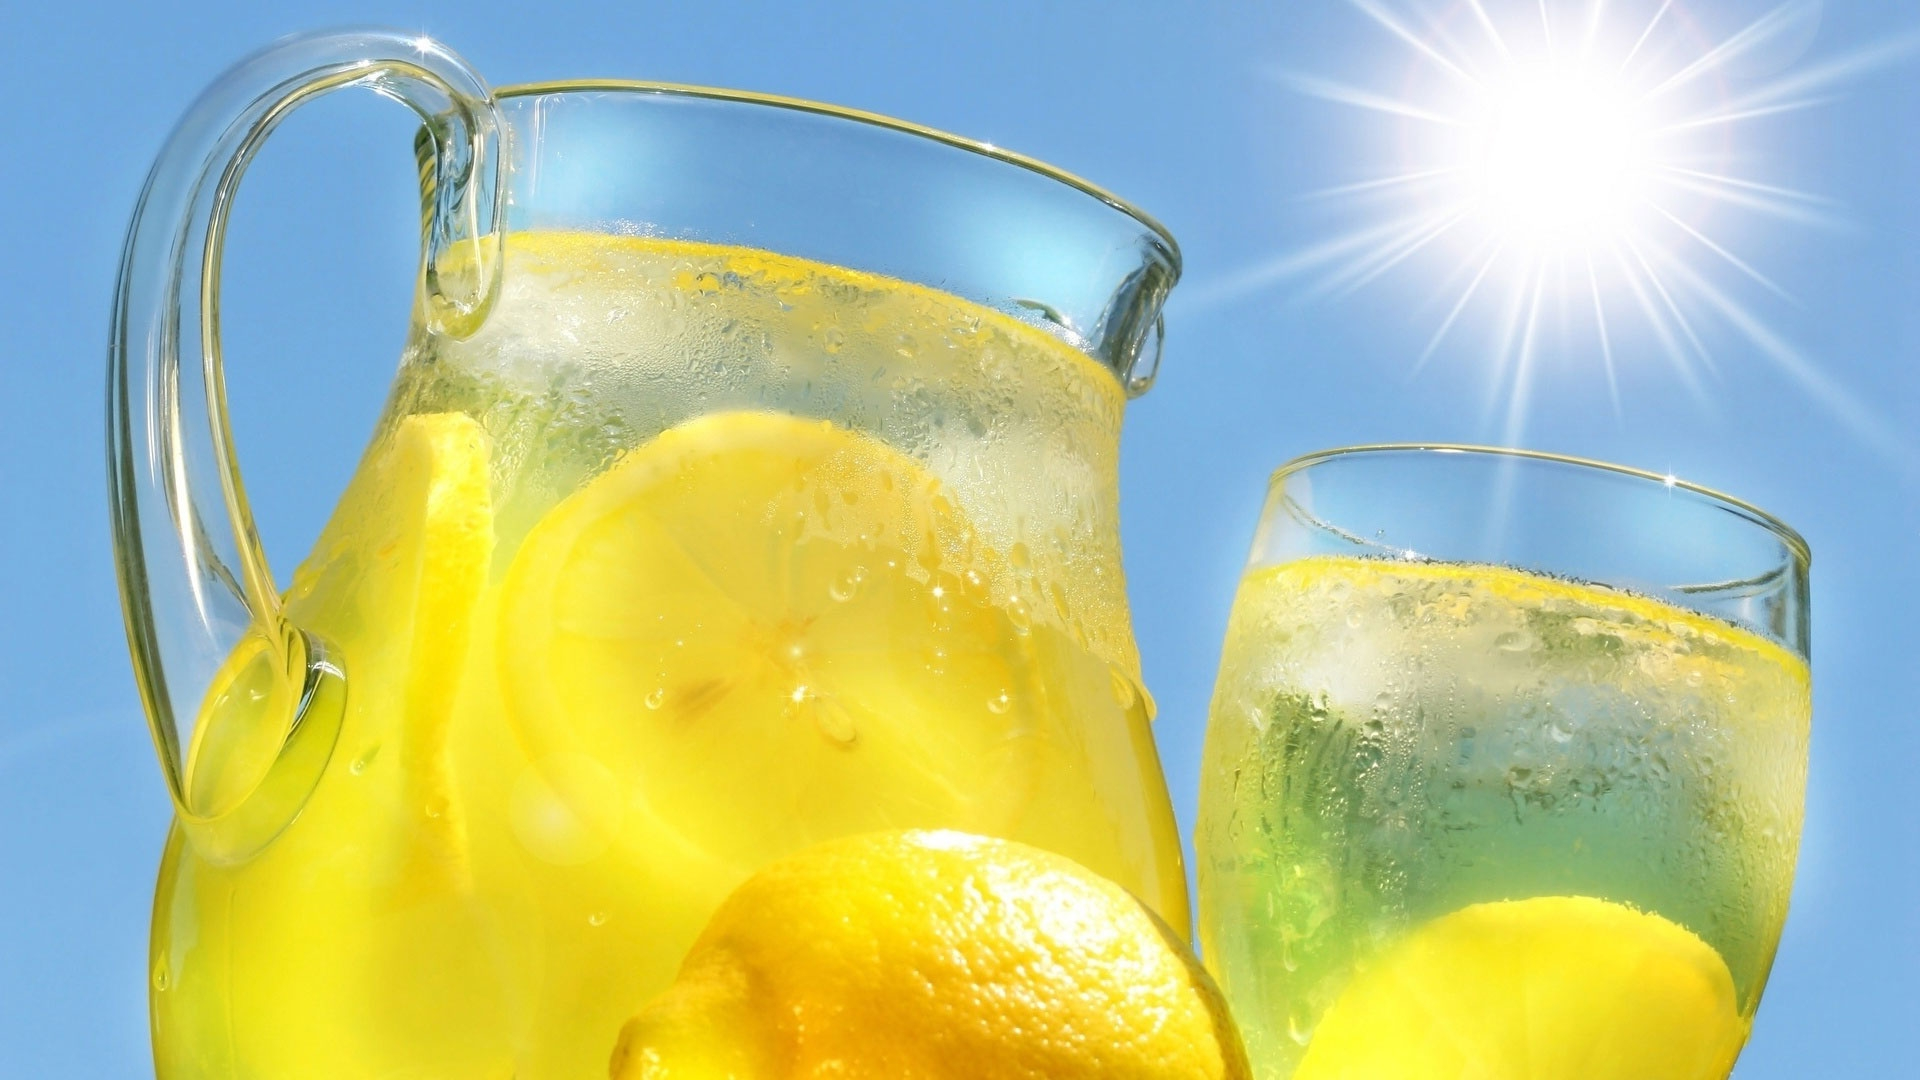 Cool Lemonade Wallpaper